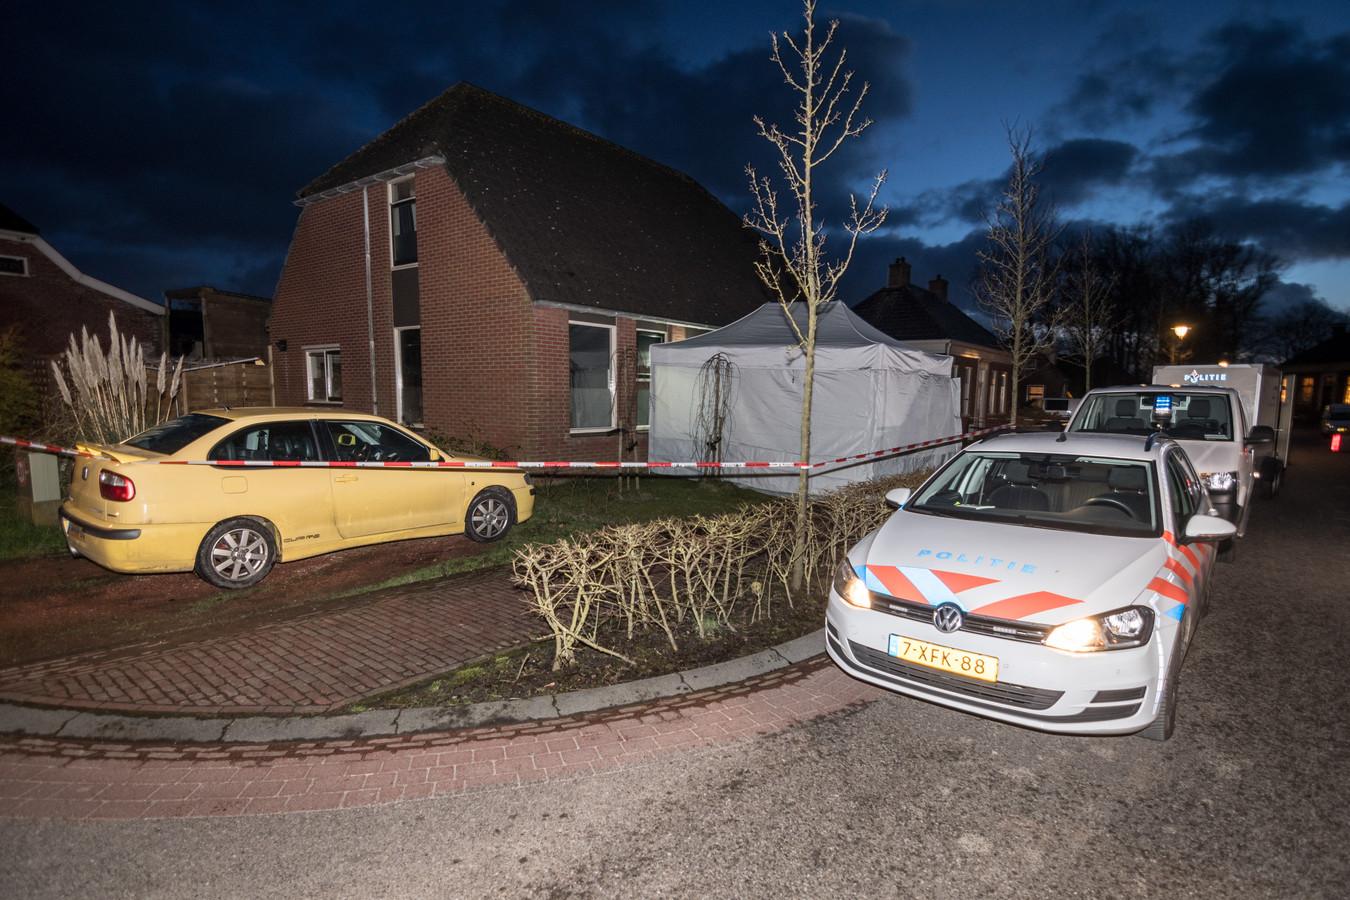 Politie bij de woning in het Groningse Warfhuizen waar de vrouw dood werd aangetroffen